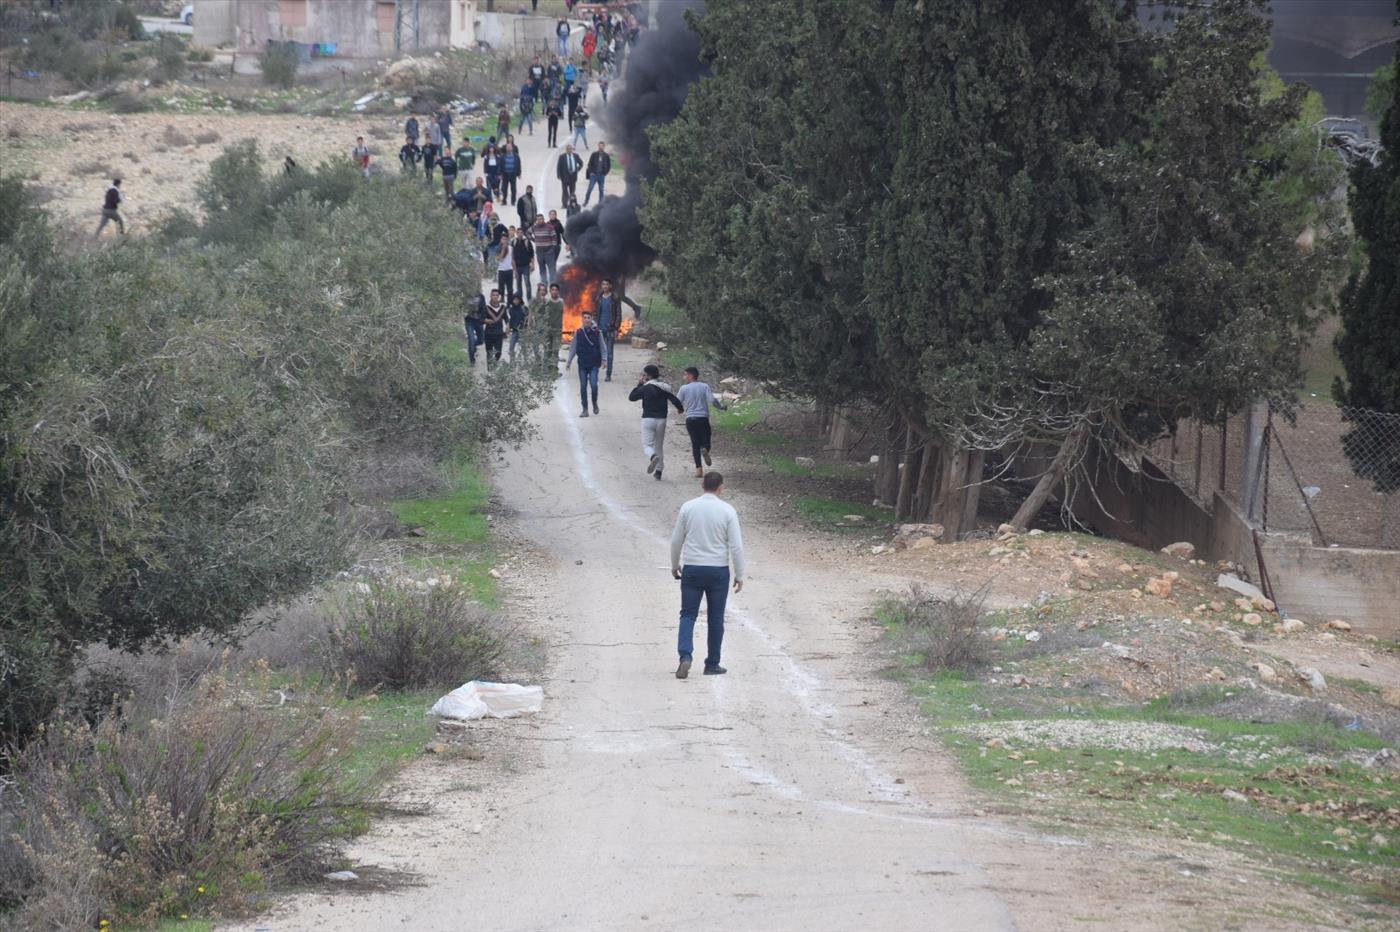 הפורעים לאחר שהוברחו אל תוך הכפר (צילום: אברהם שפירא)